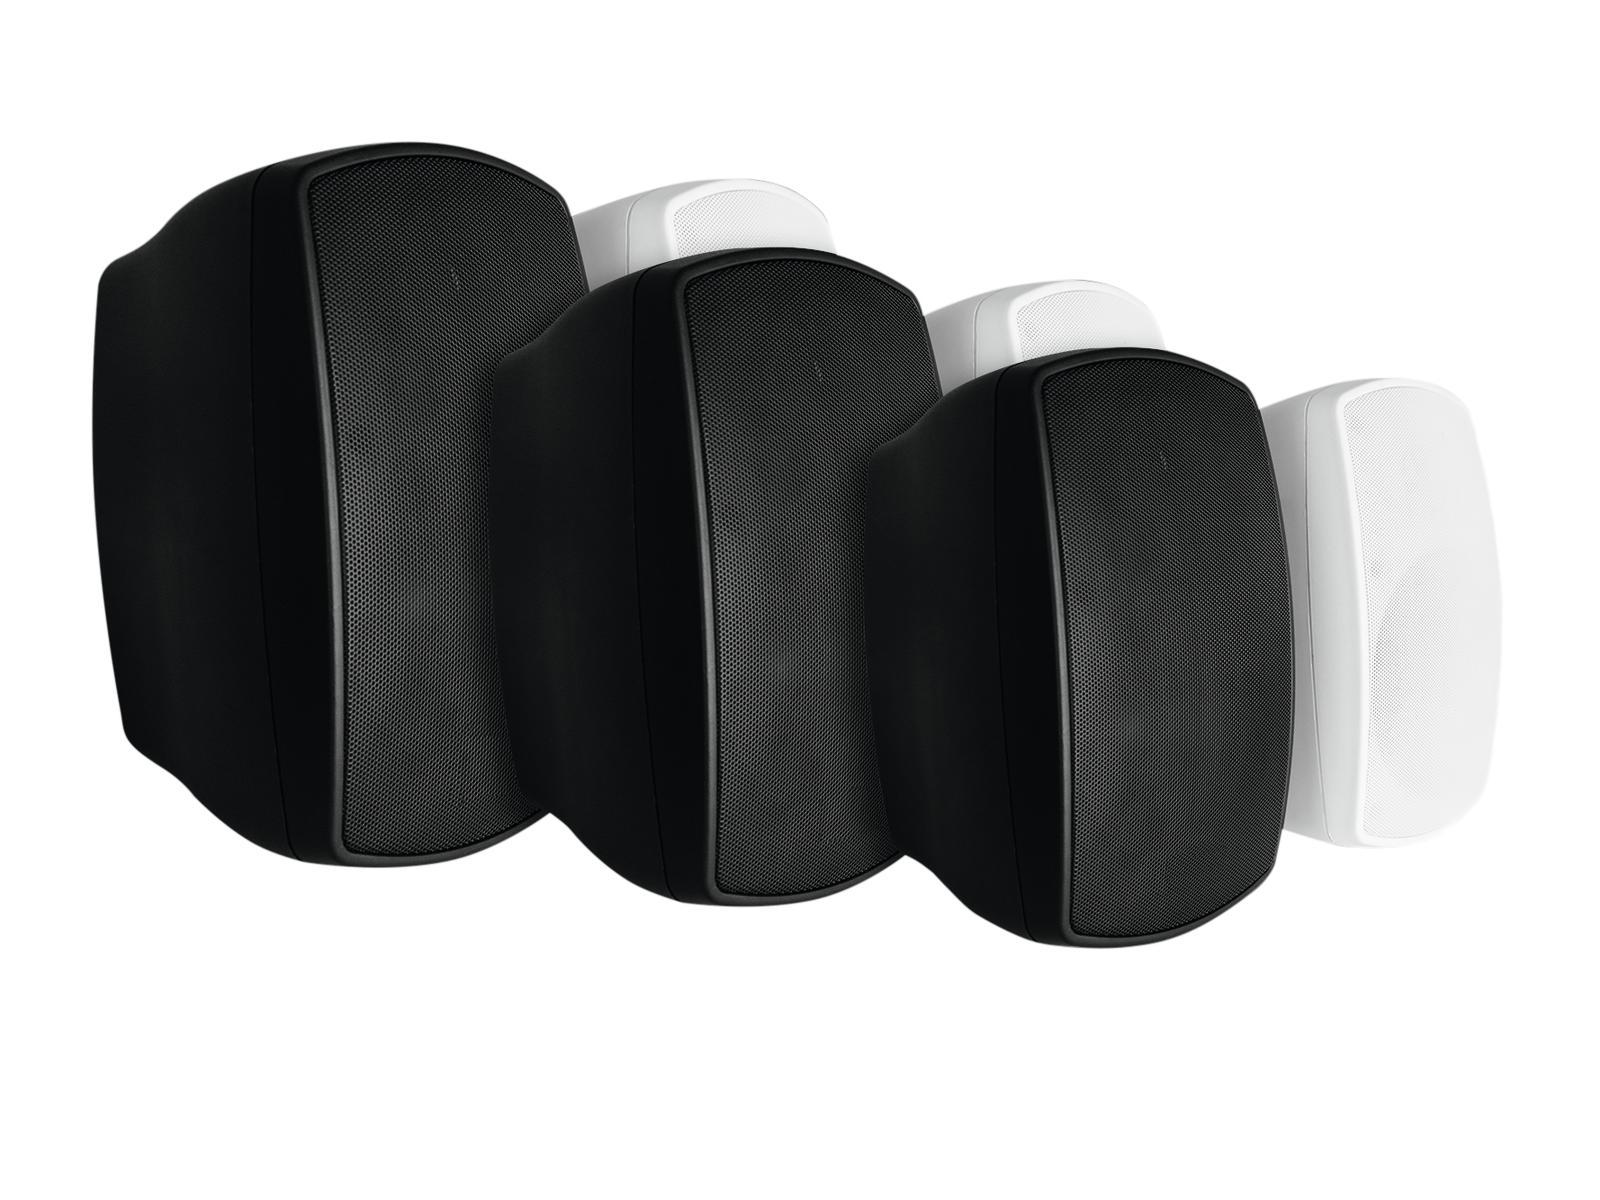 OMNITRONIC OD-5 Wandlautsprecher 8Ohm schwarz 2x